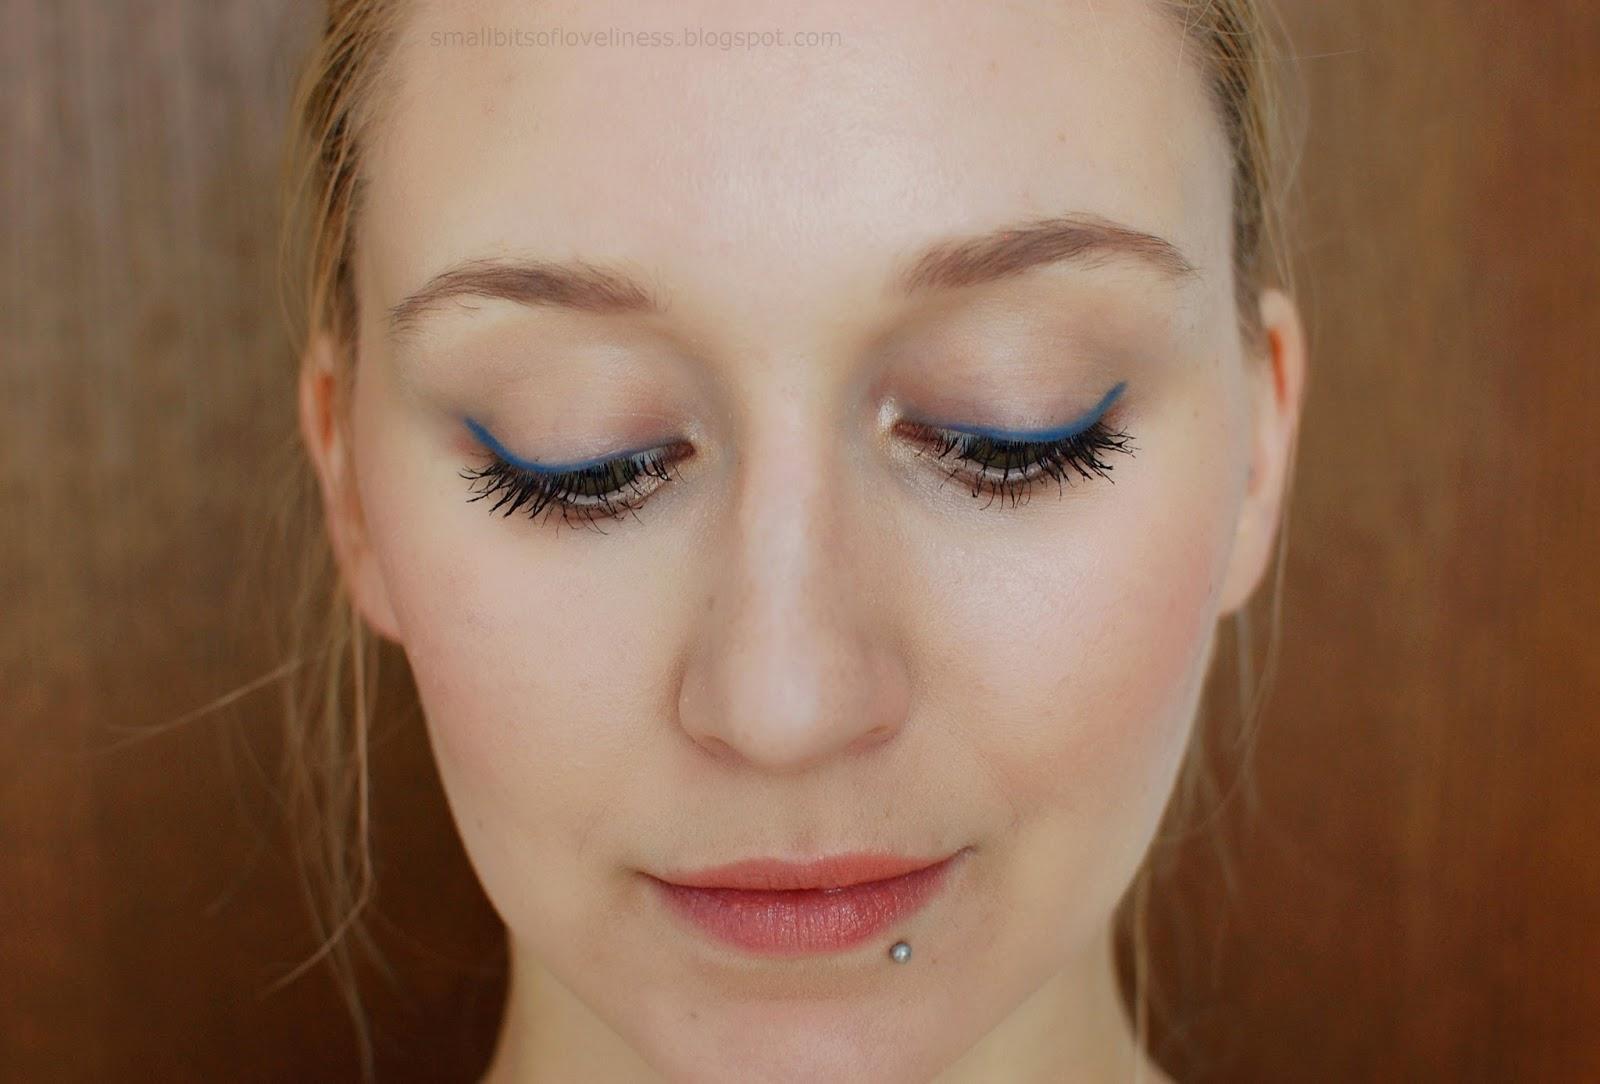 FOTD Benecos Bright BLue Eyeliner